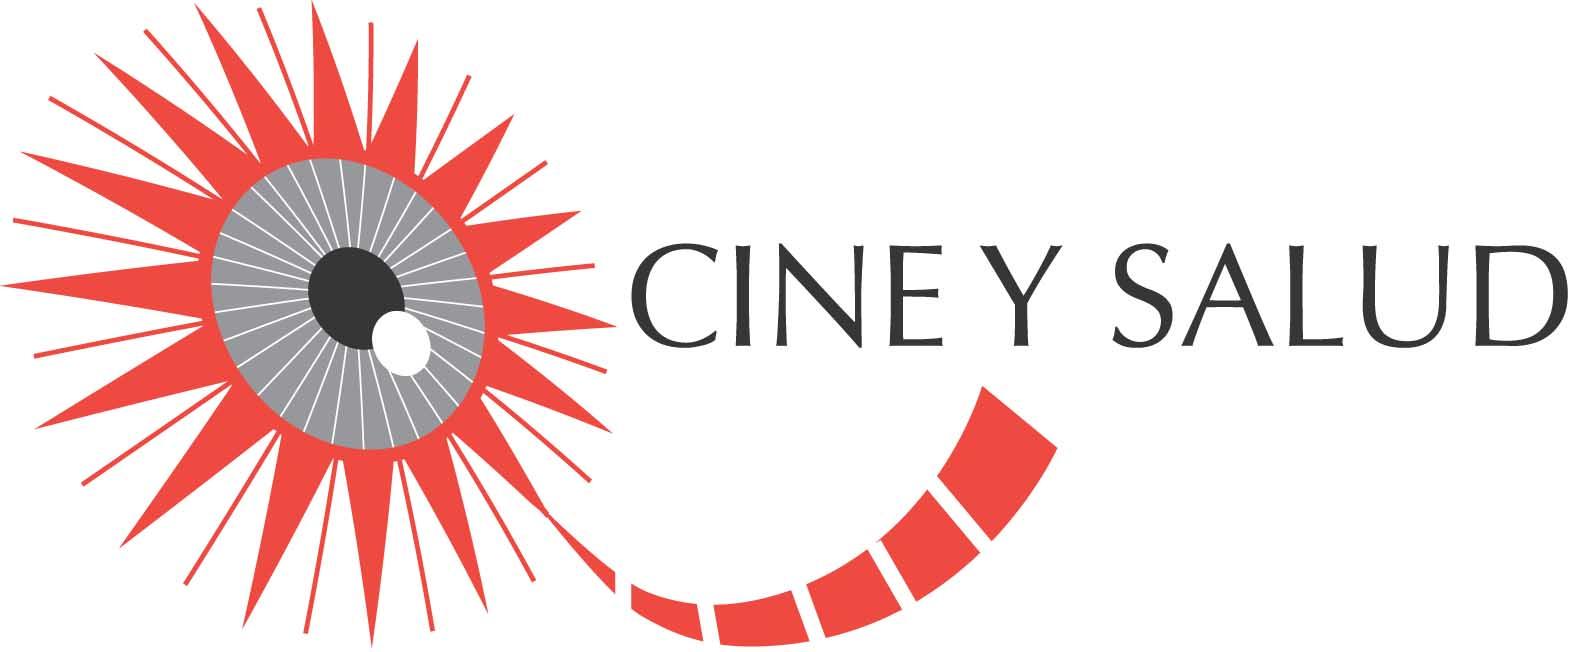 #cineysalud2019